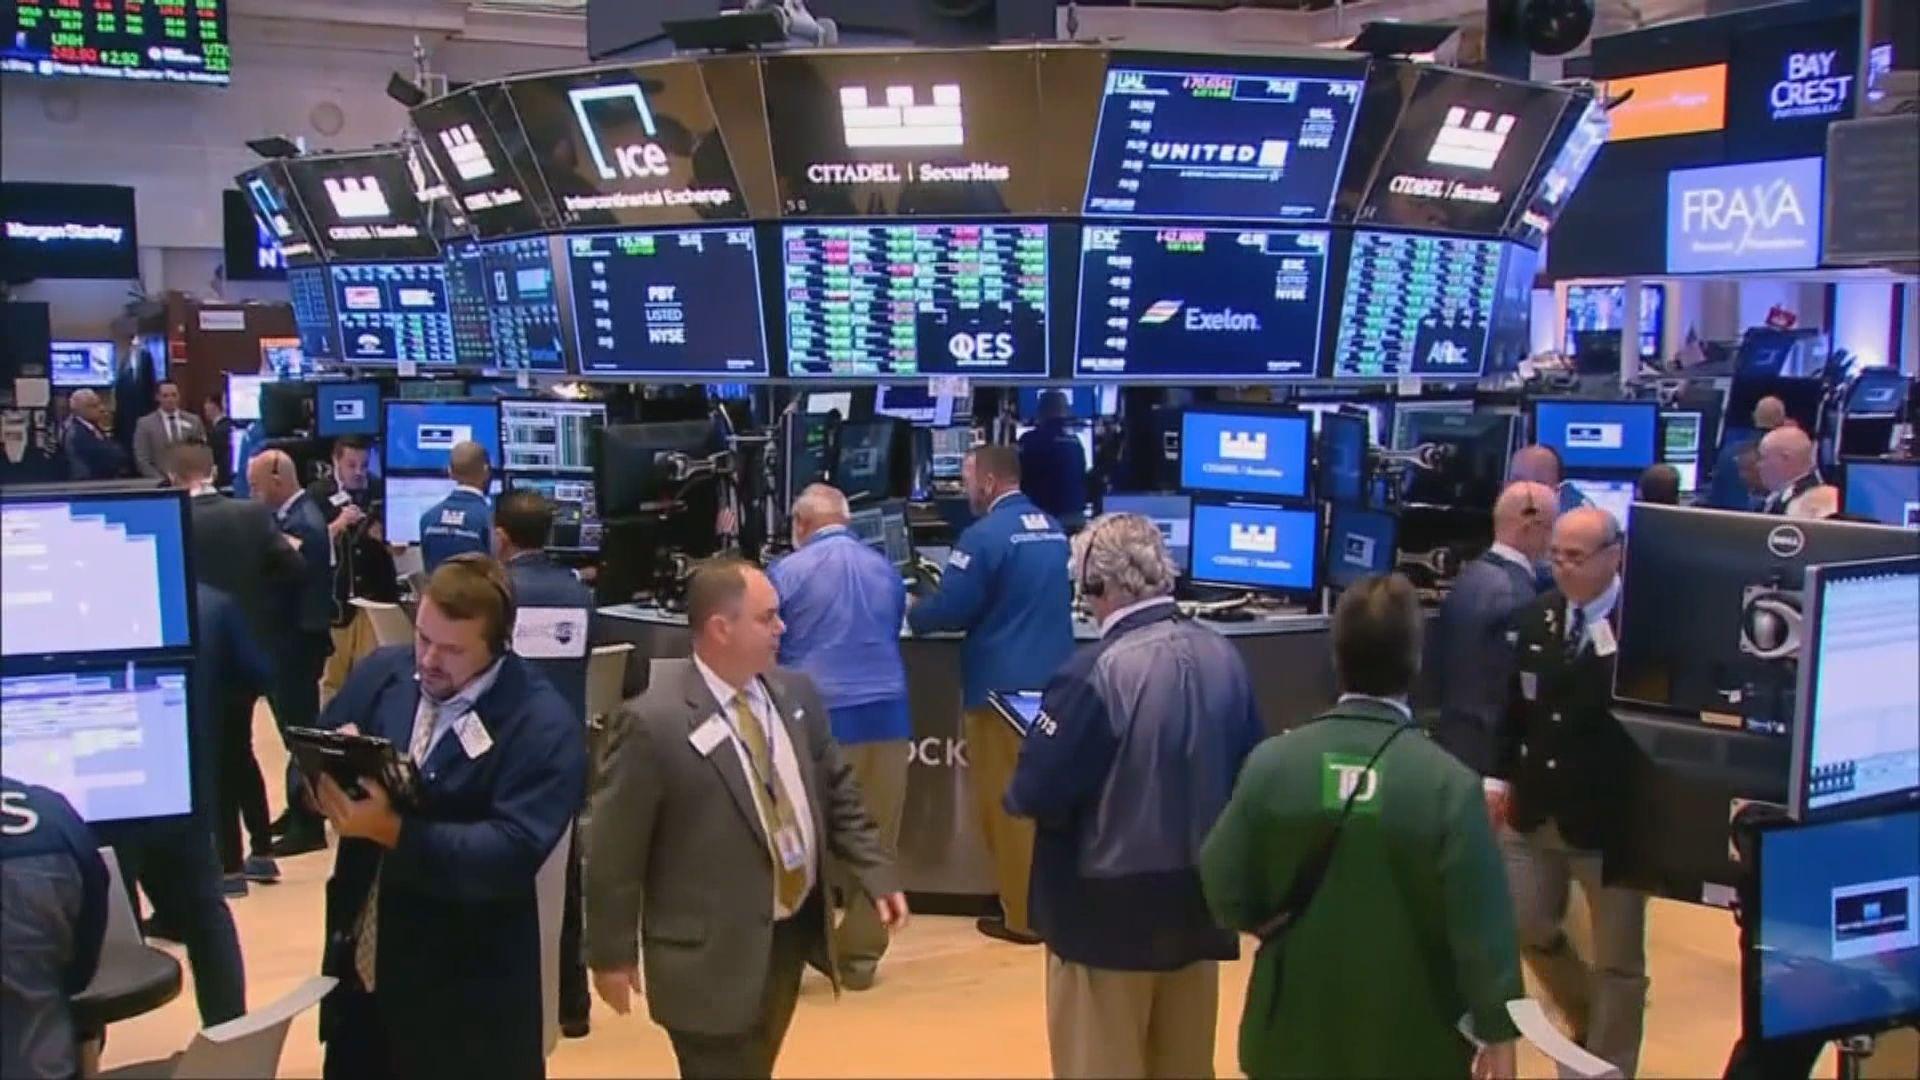 憂慮全球經濟放緩 美股下挫2%